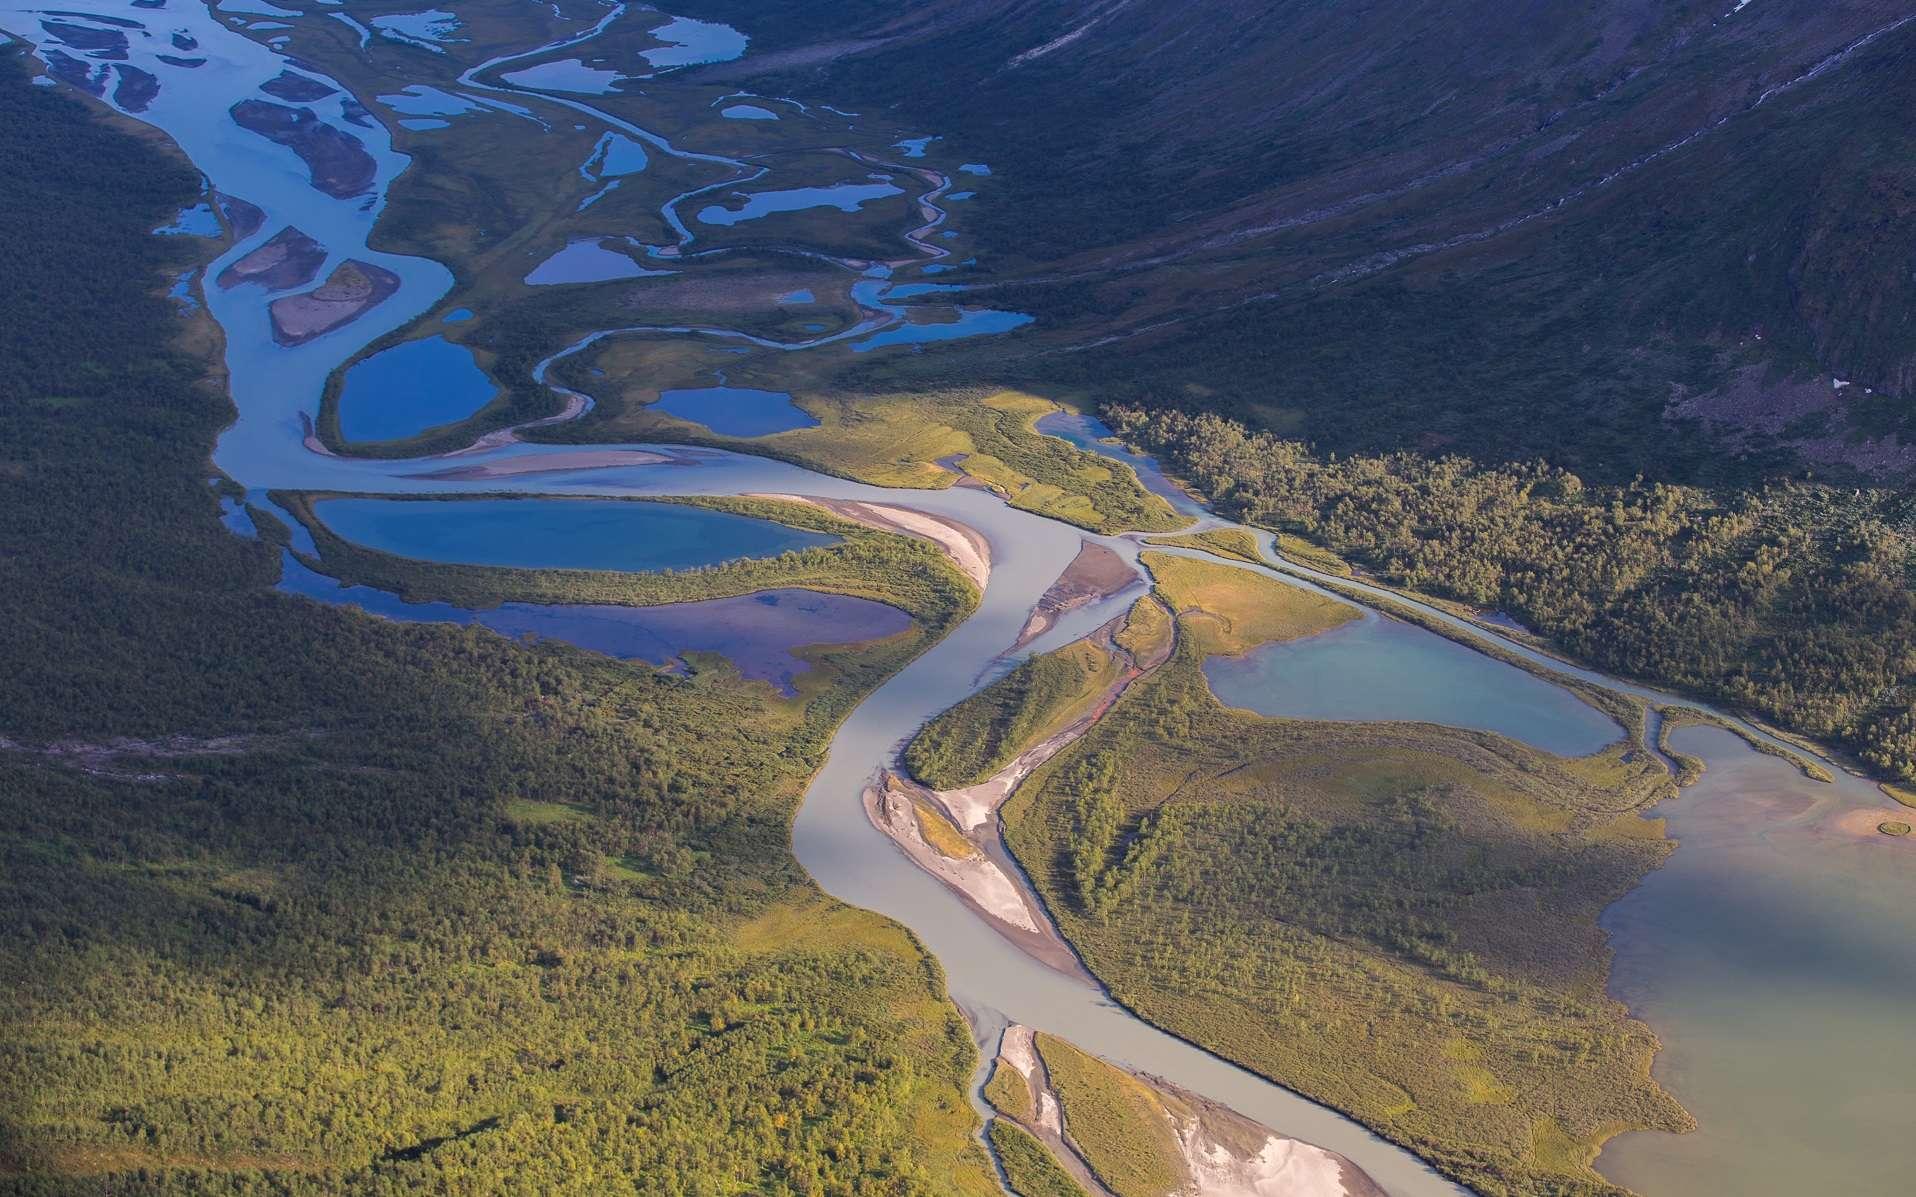 Rivière anastomosée. © Florian Konrad via imaggeo.egu.eu